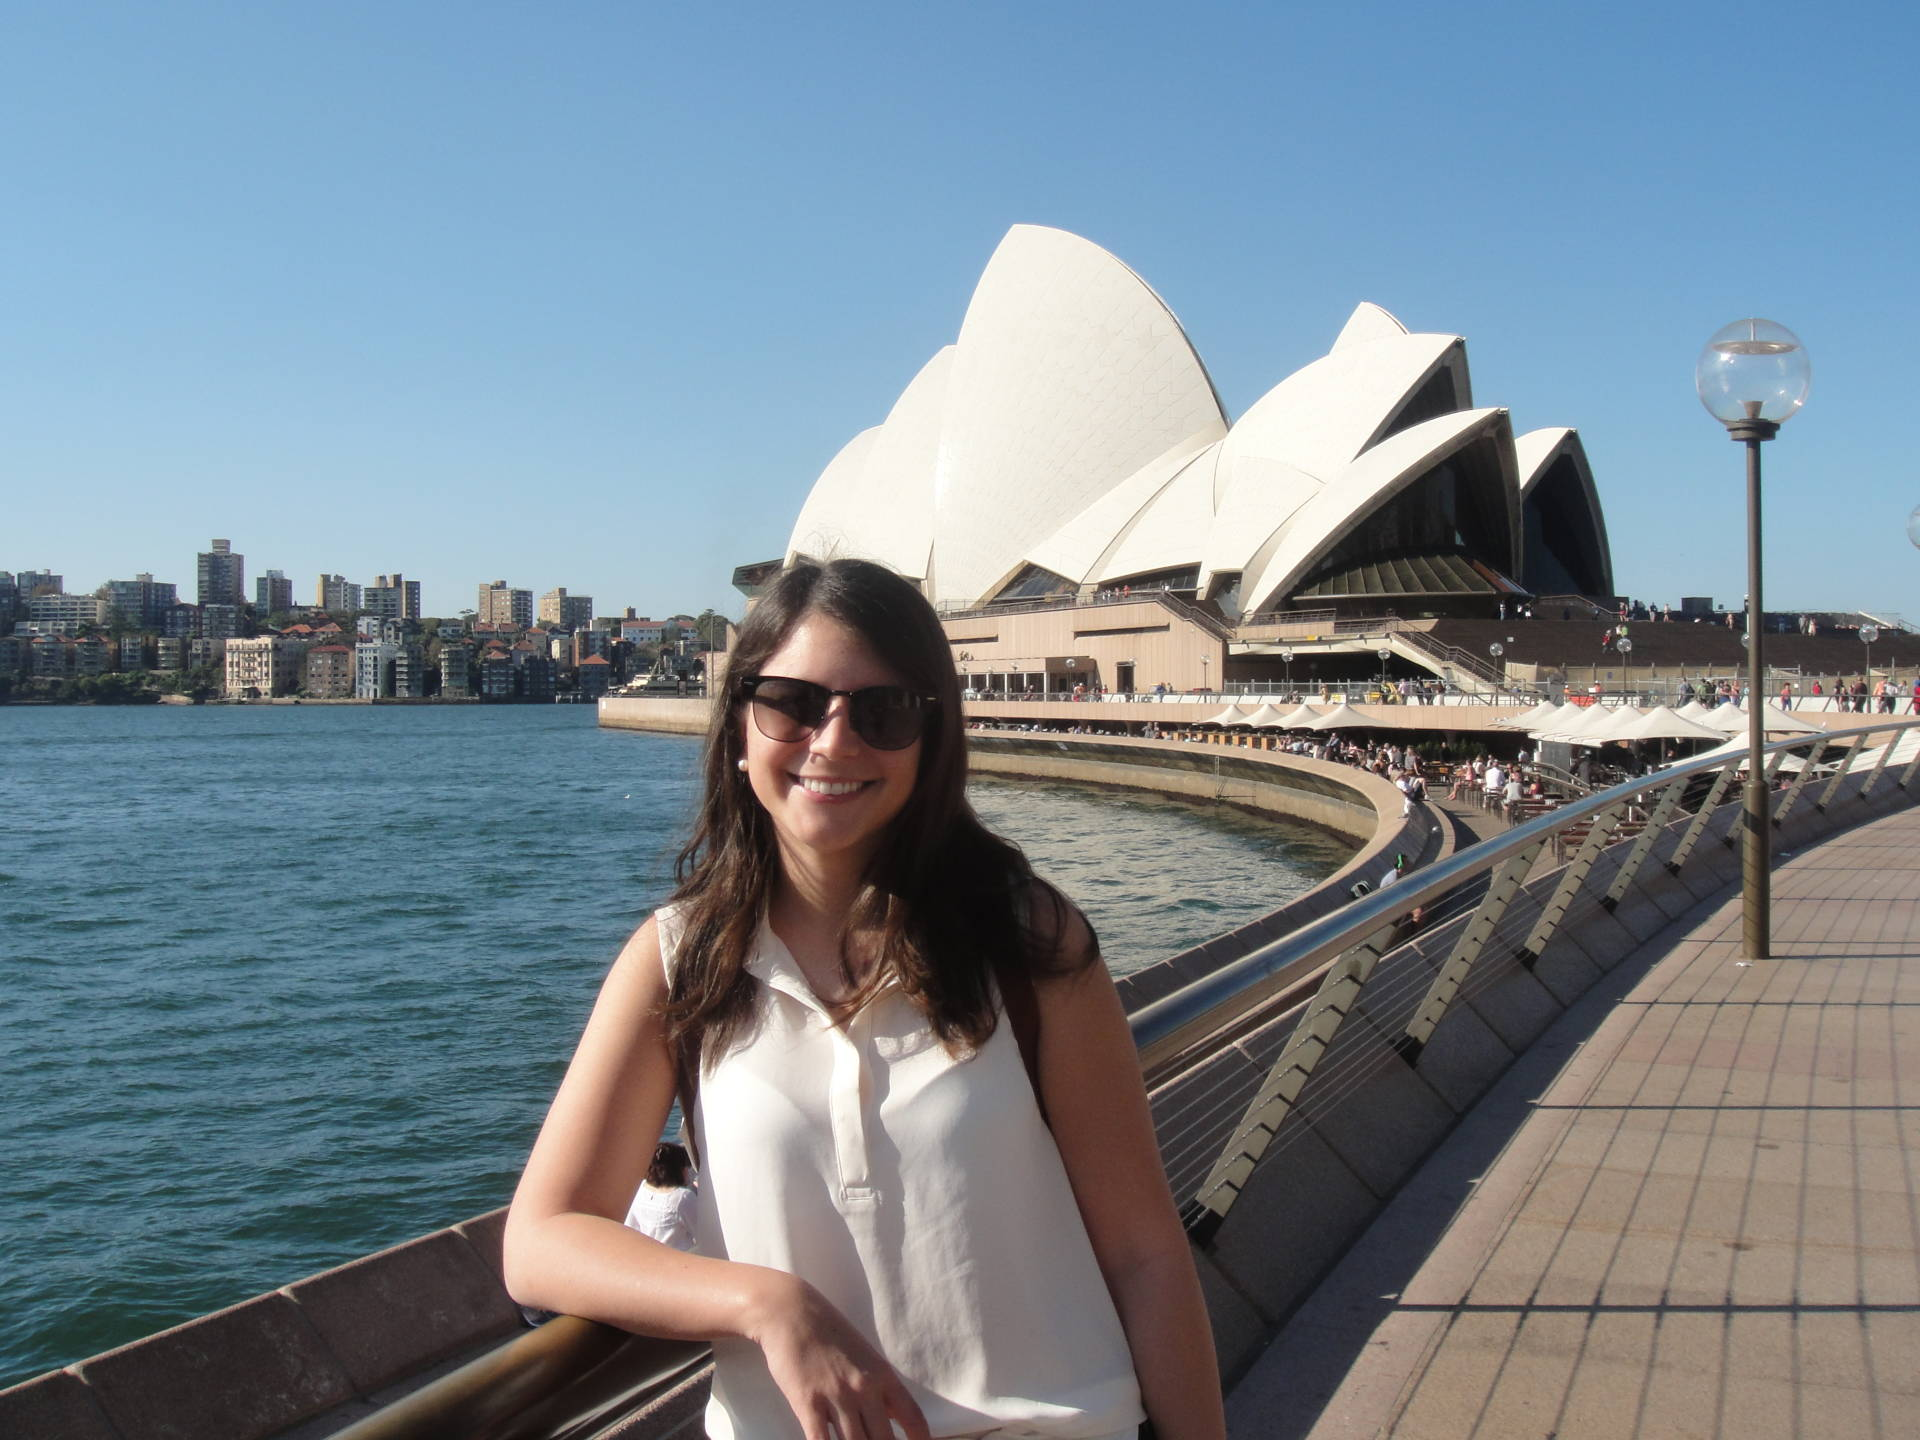 Невероятные приключения и незабываемые ощущения – о нашей поездке в Сидней